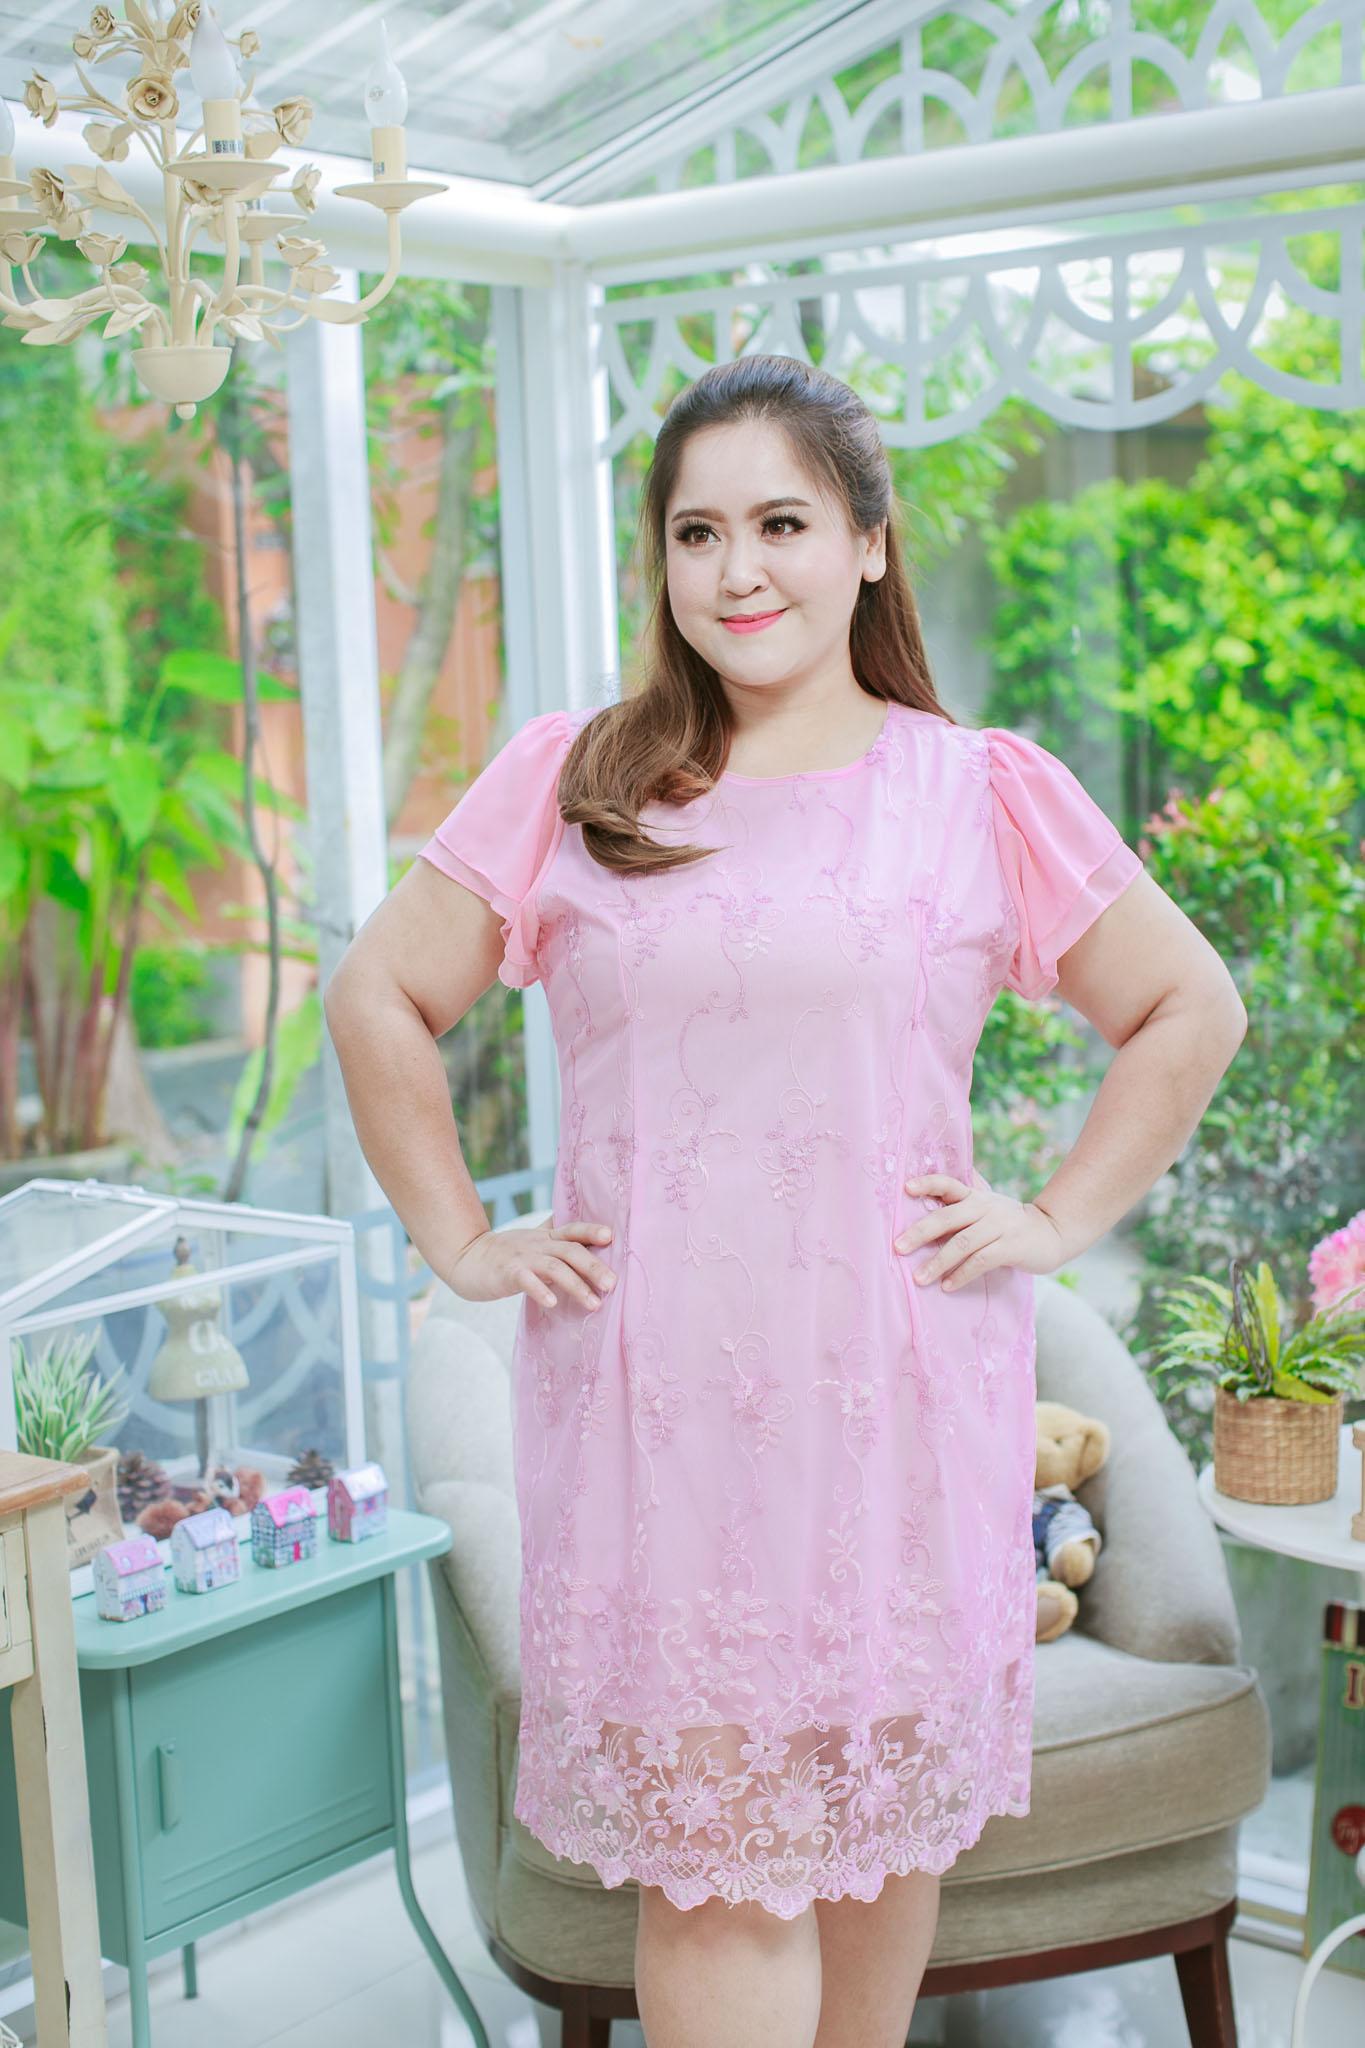 5 Size= XL,2XL,3XL,4XL,5XL ชุดเดรสสาวอวบ++ ผ้าชีฟองฉลุลายสีชมพู นำเข้าจากญี่ปุ่น แขนชีฟองระบาย 2 ชั้น